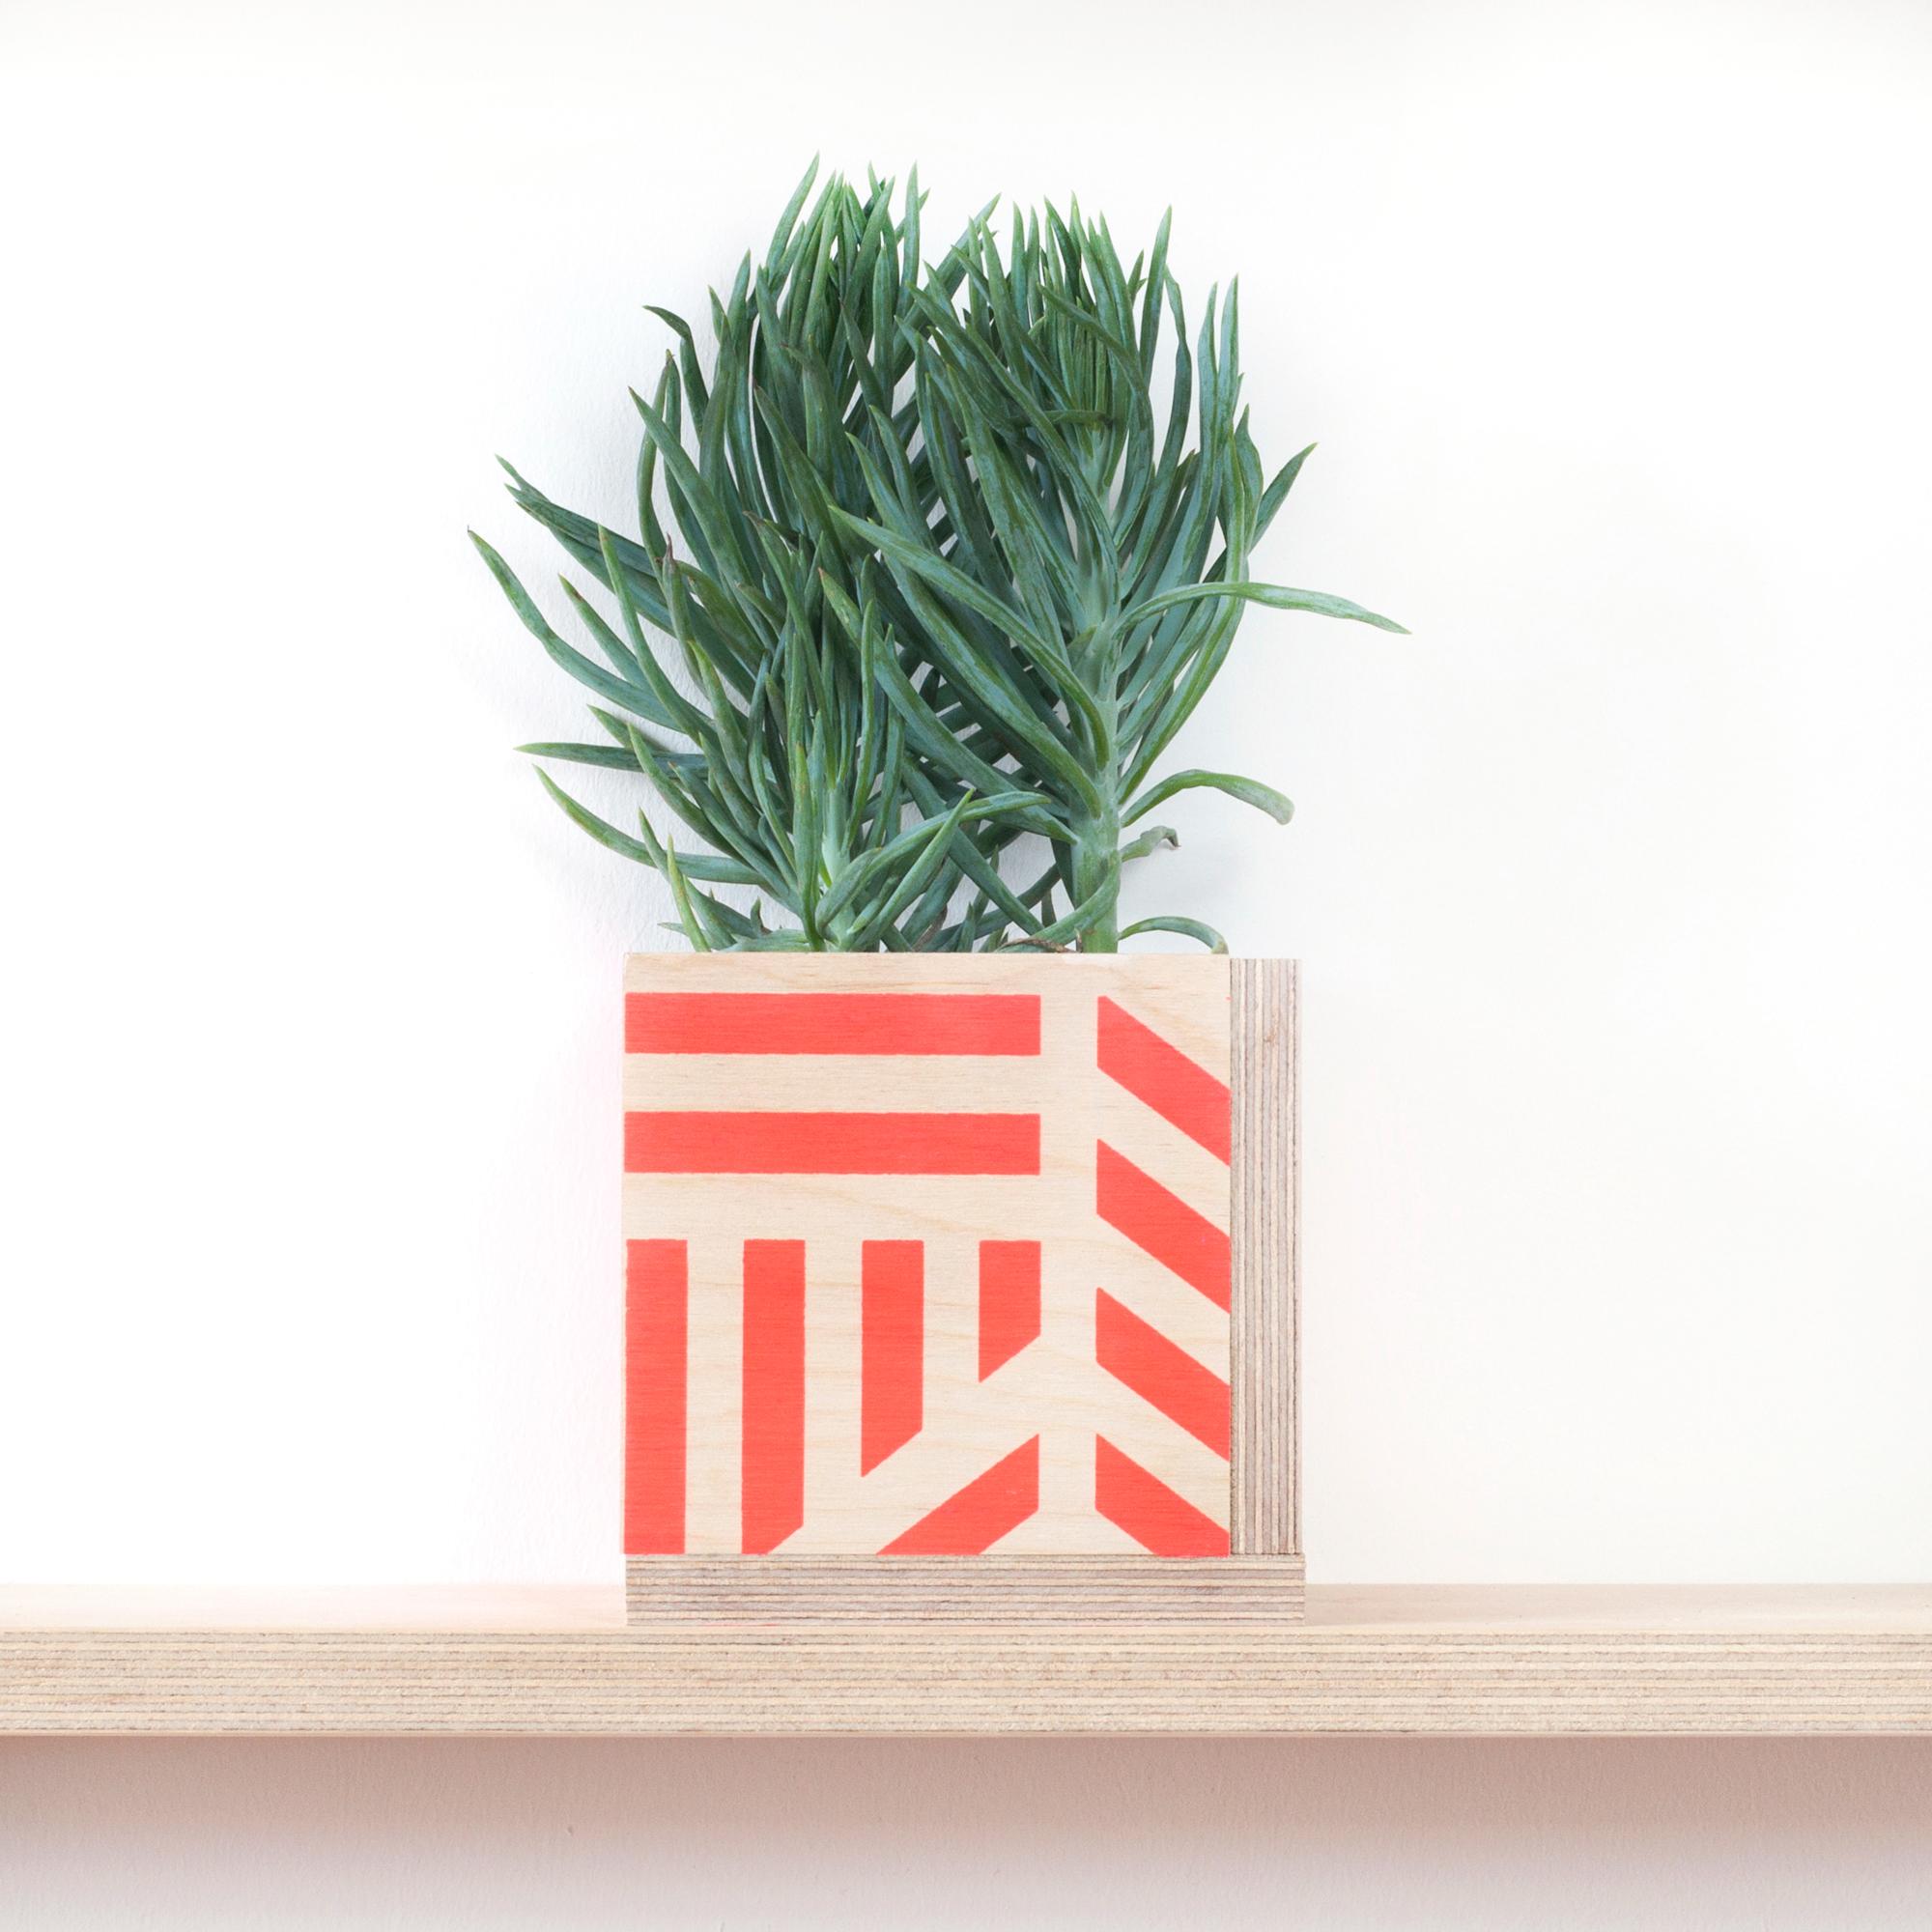 10-plantpot-kanganarora-web.jpg